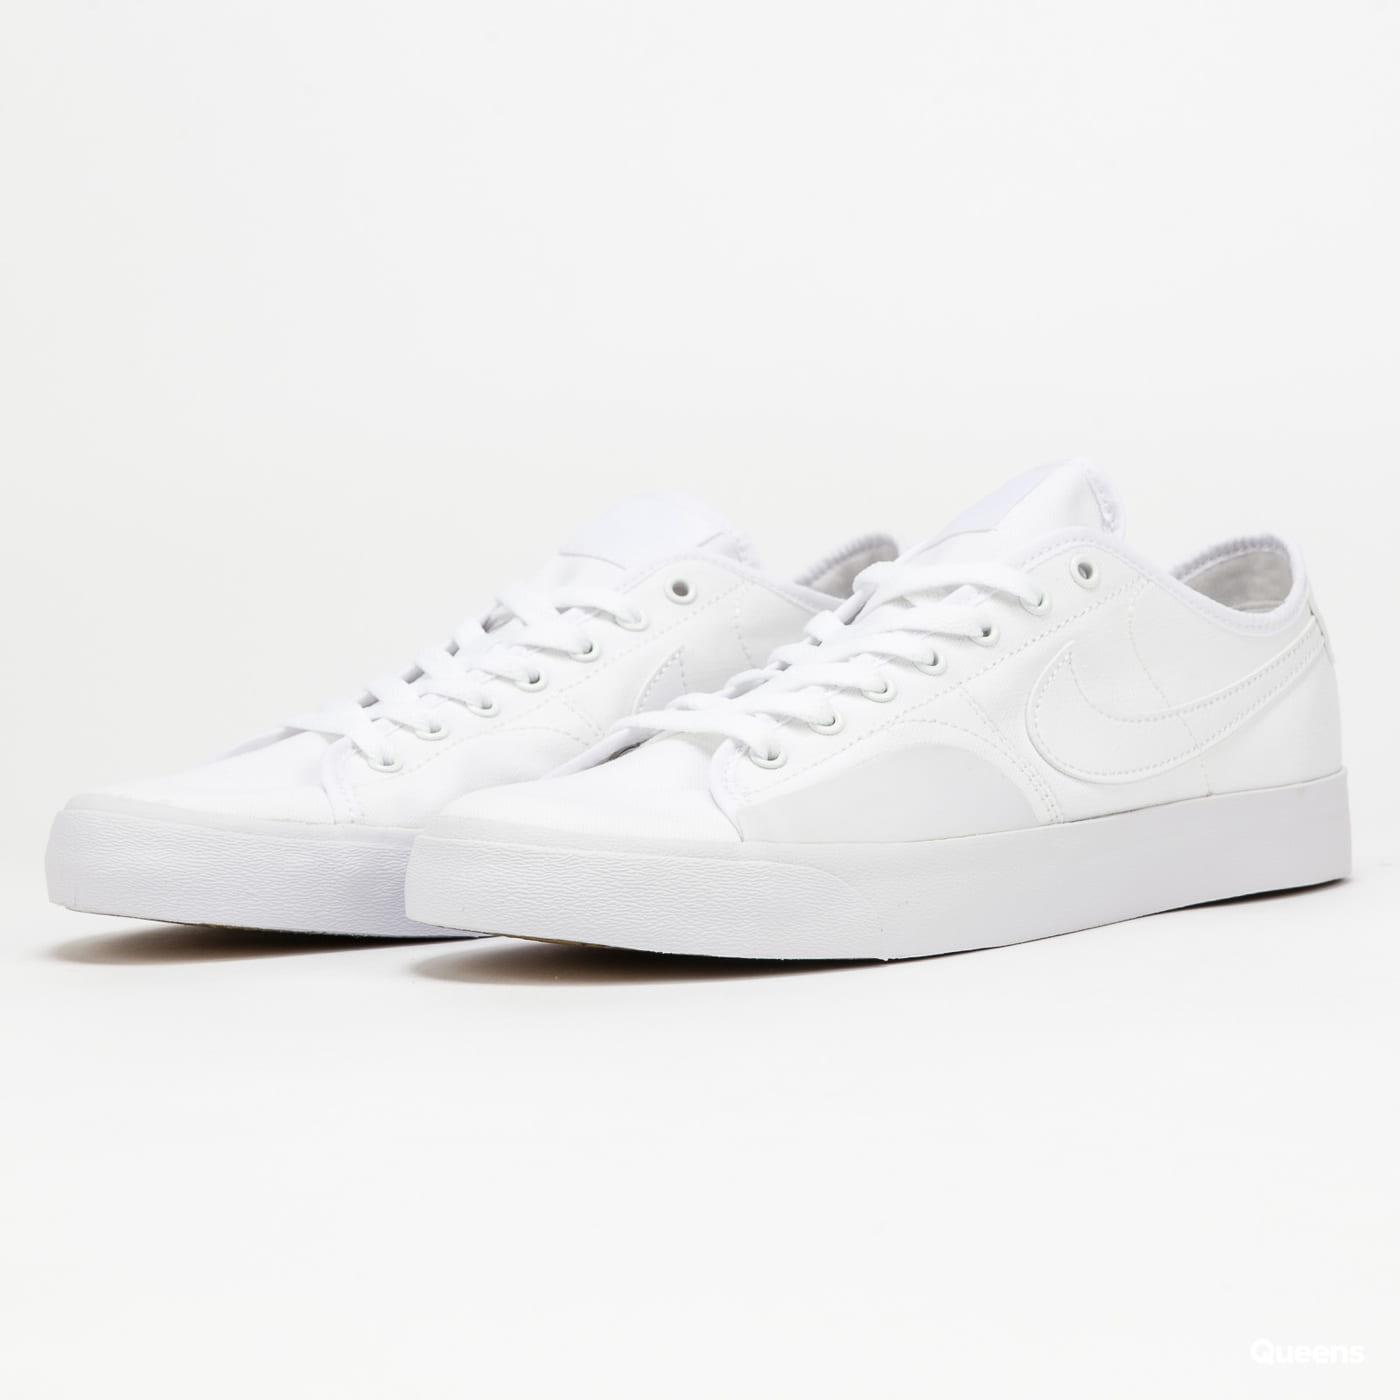 Nike SB Blazer Court white / white - white - white